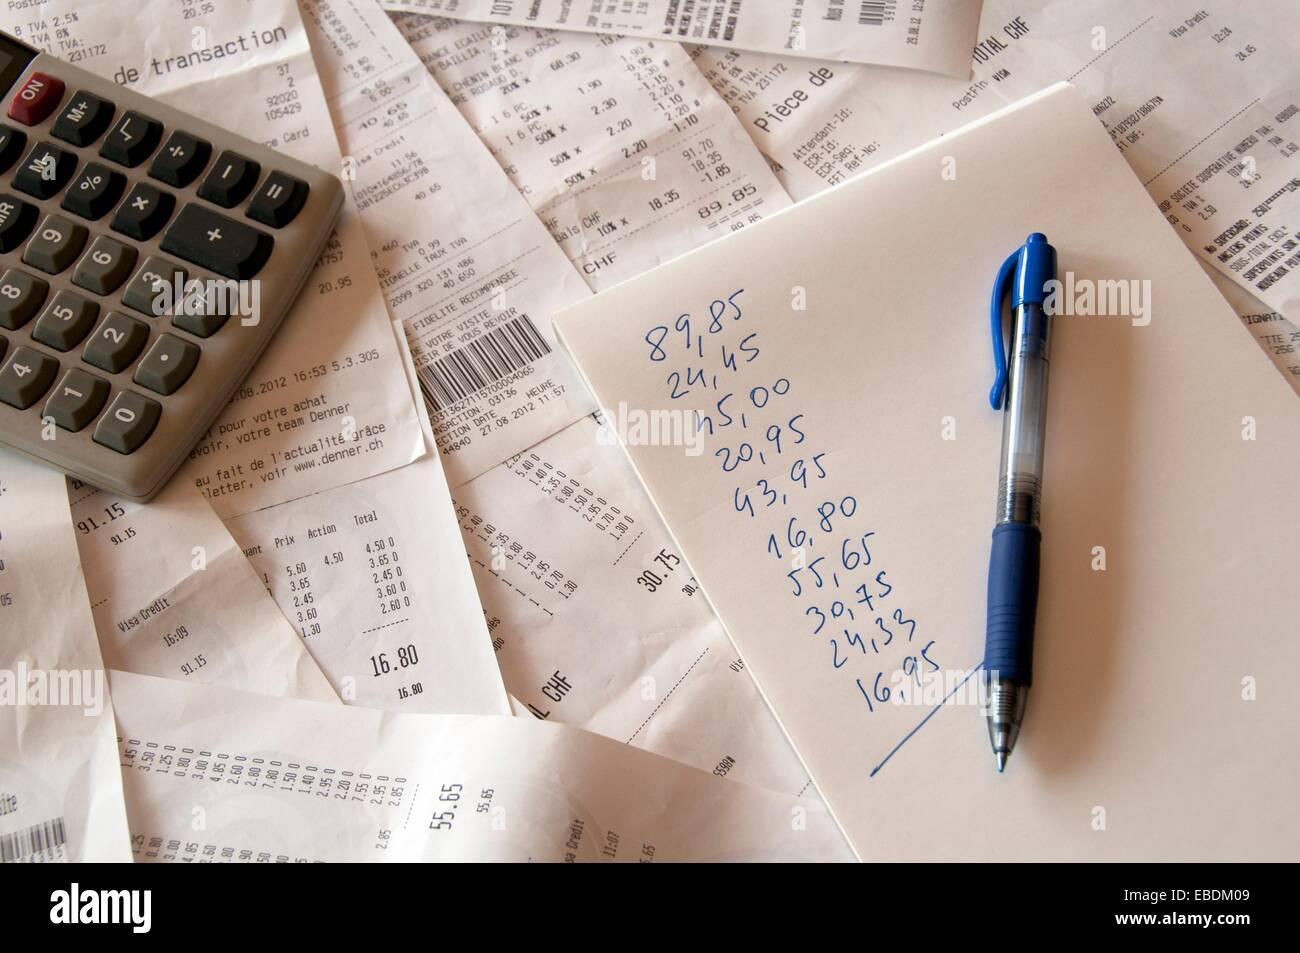 Resumen de gastos domésticos recogidos por los ingresos procedentes de supermercados Imagen De Stock